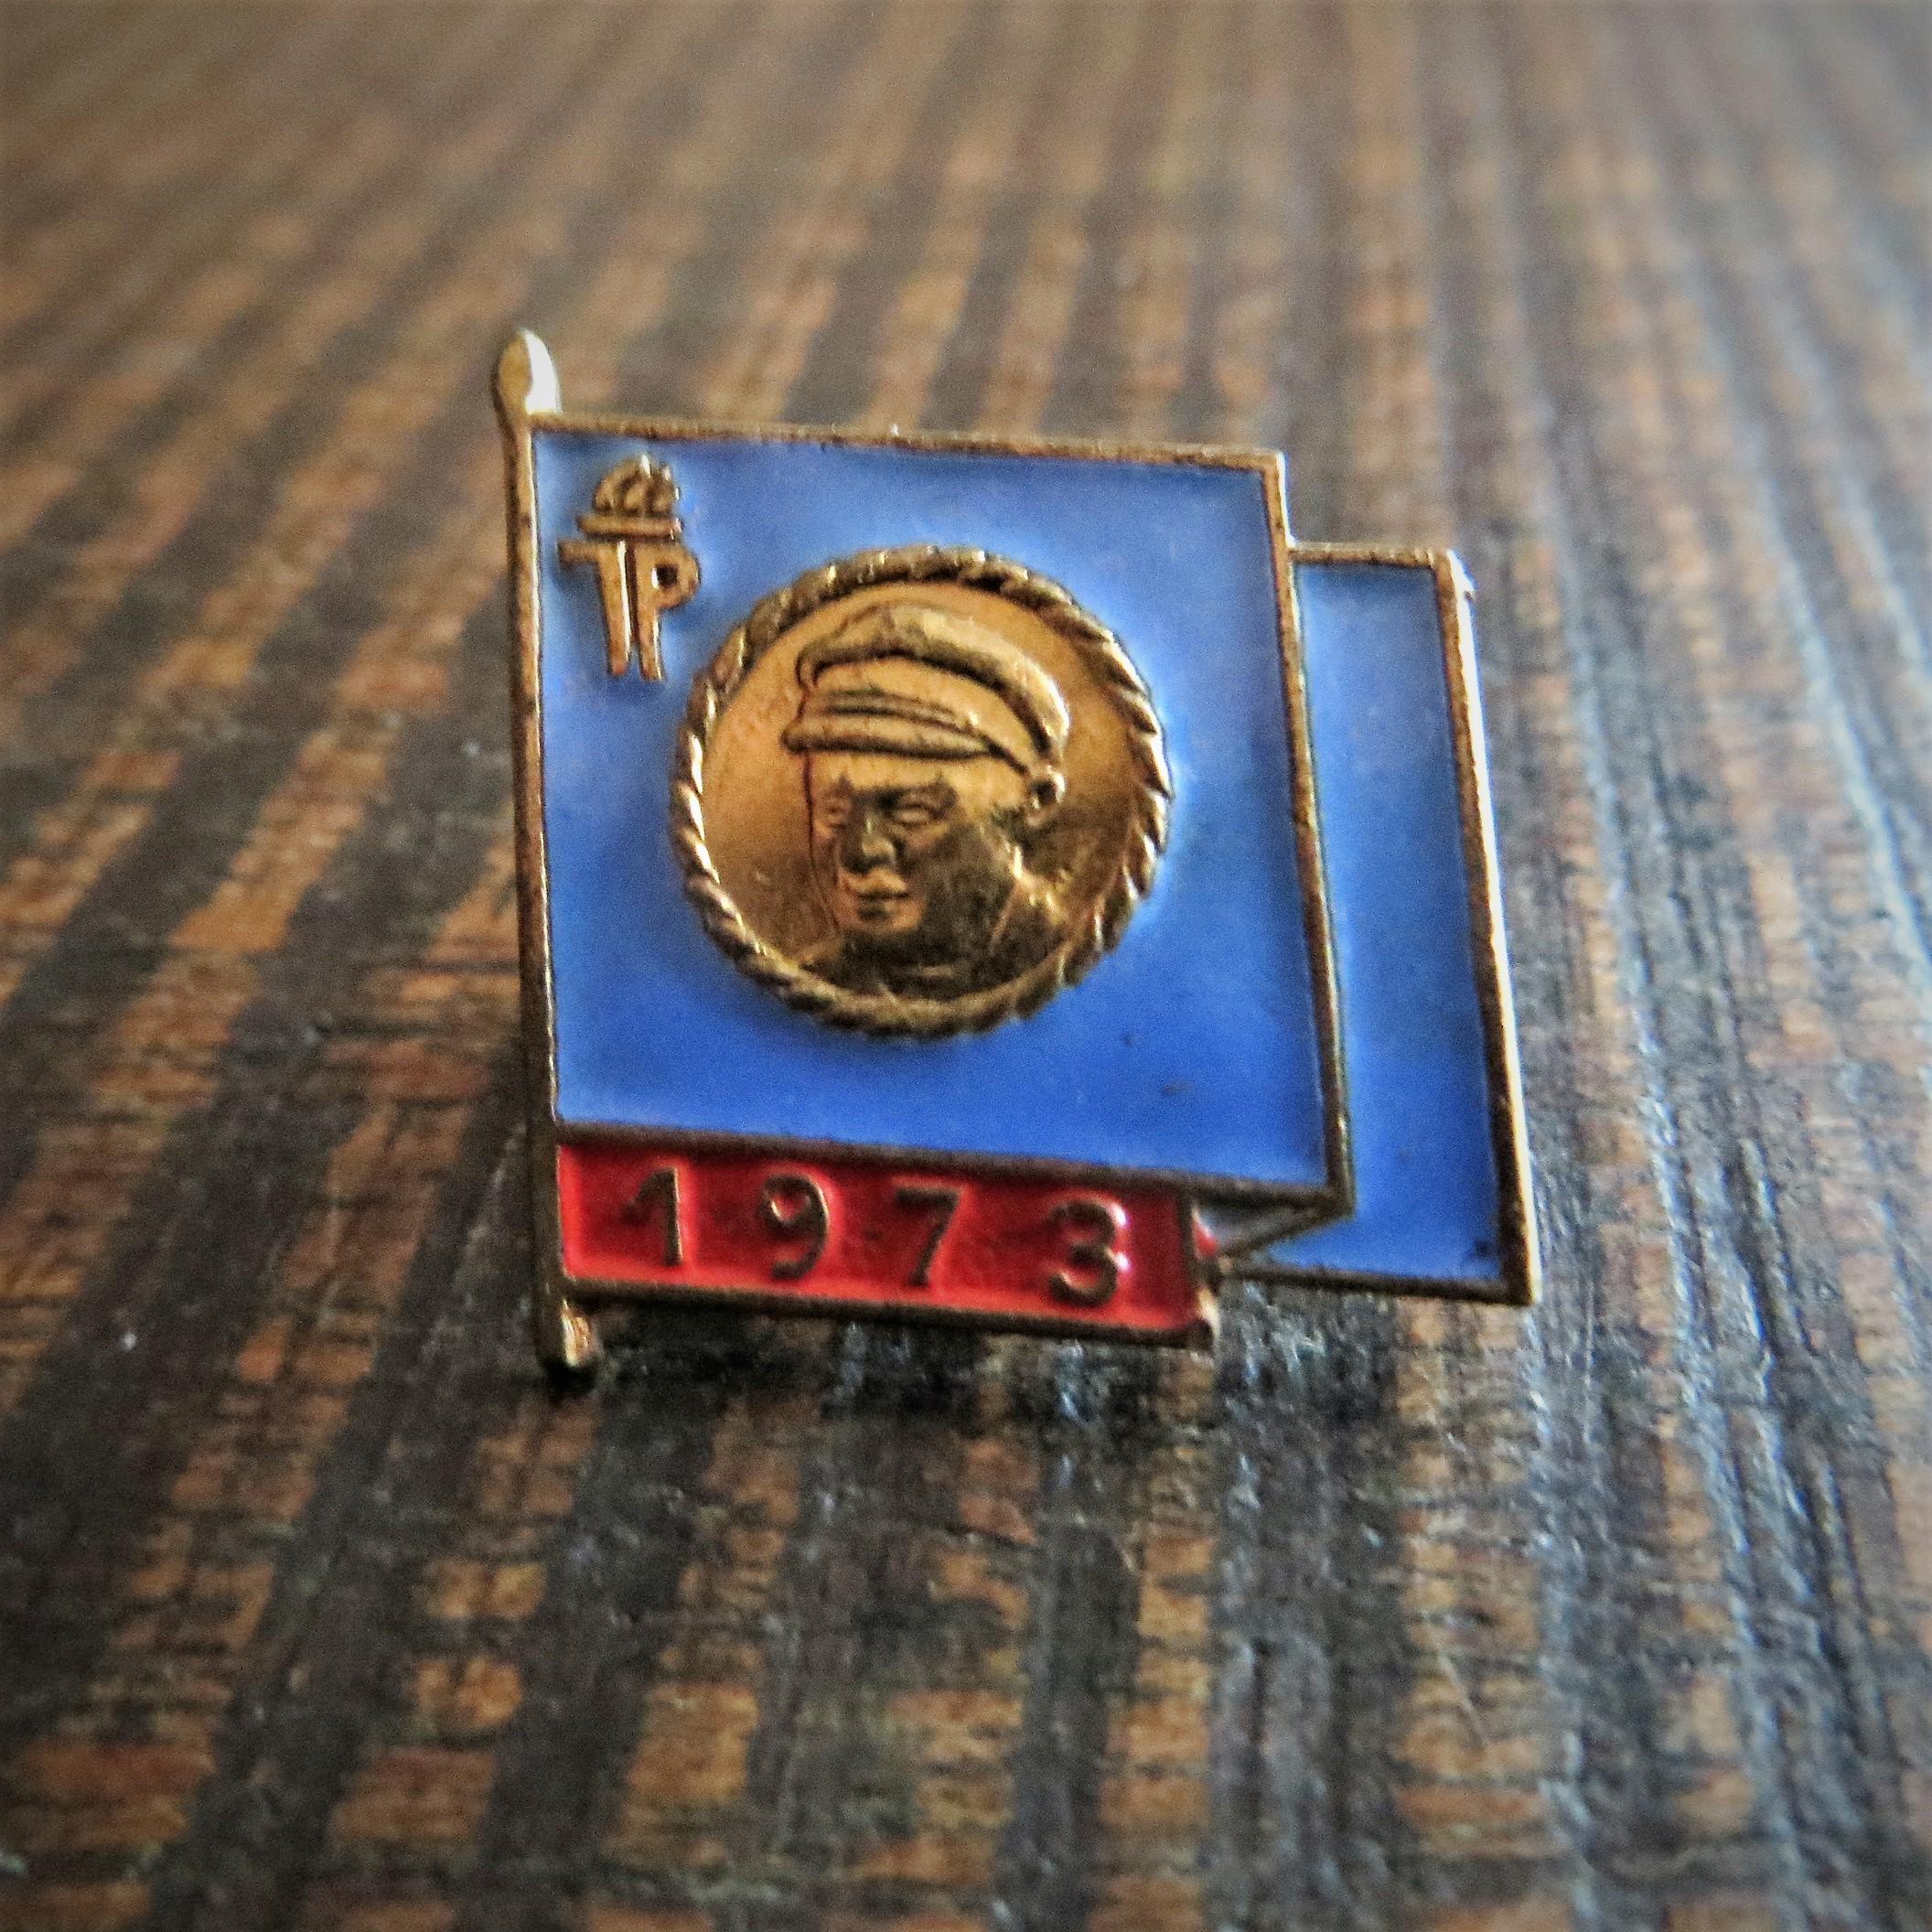 Pin Thalmann 1973 (1)